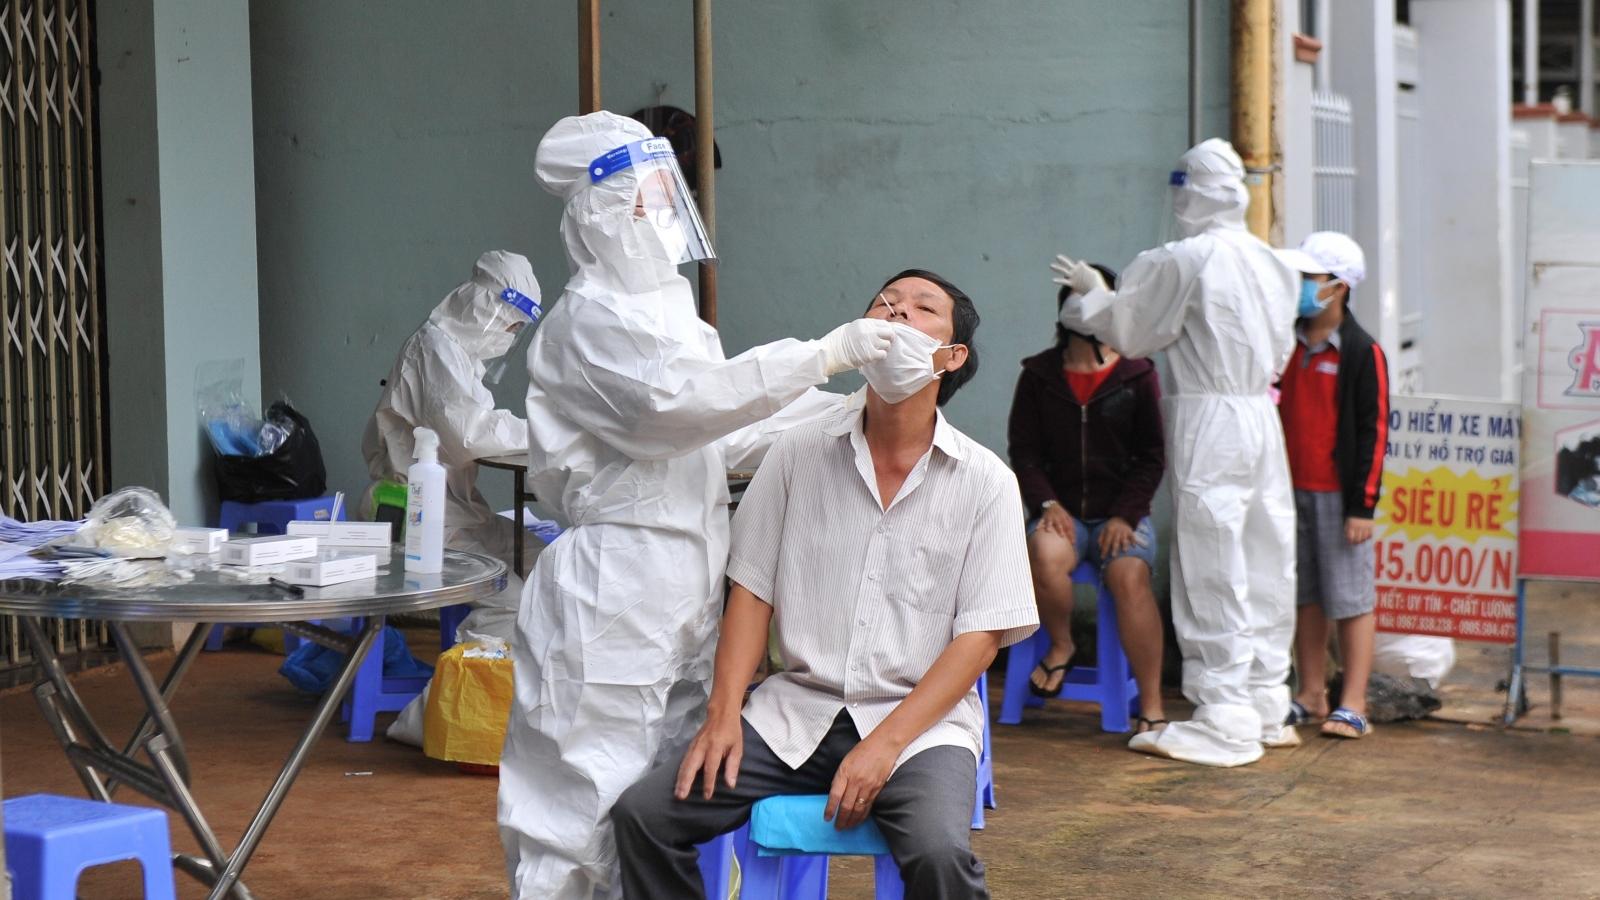 Phát hiện nhiều trường hợp dương tính COVID-19 tại cộng đồng ở Đắk Lắk